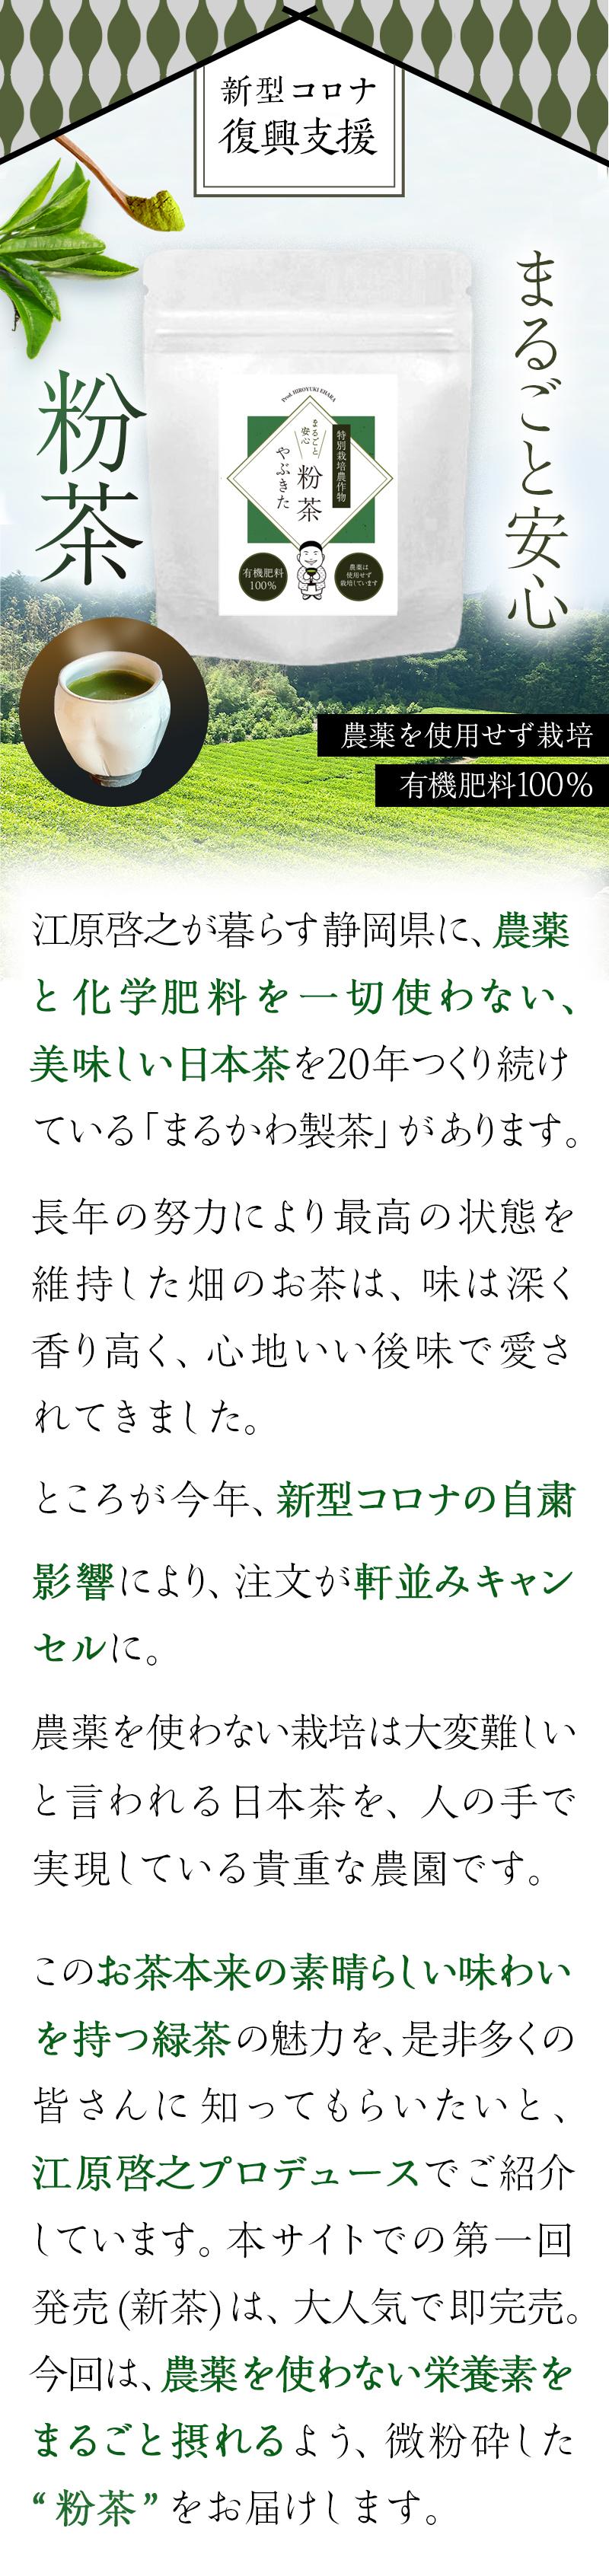 啓之 コロナ 江原